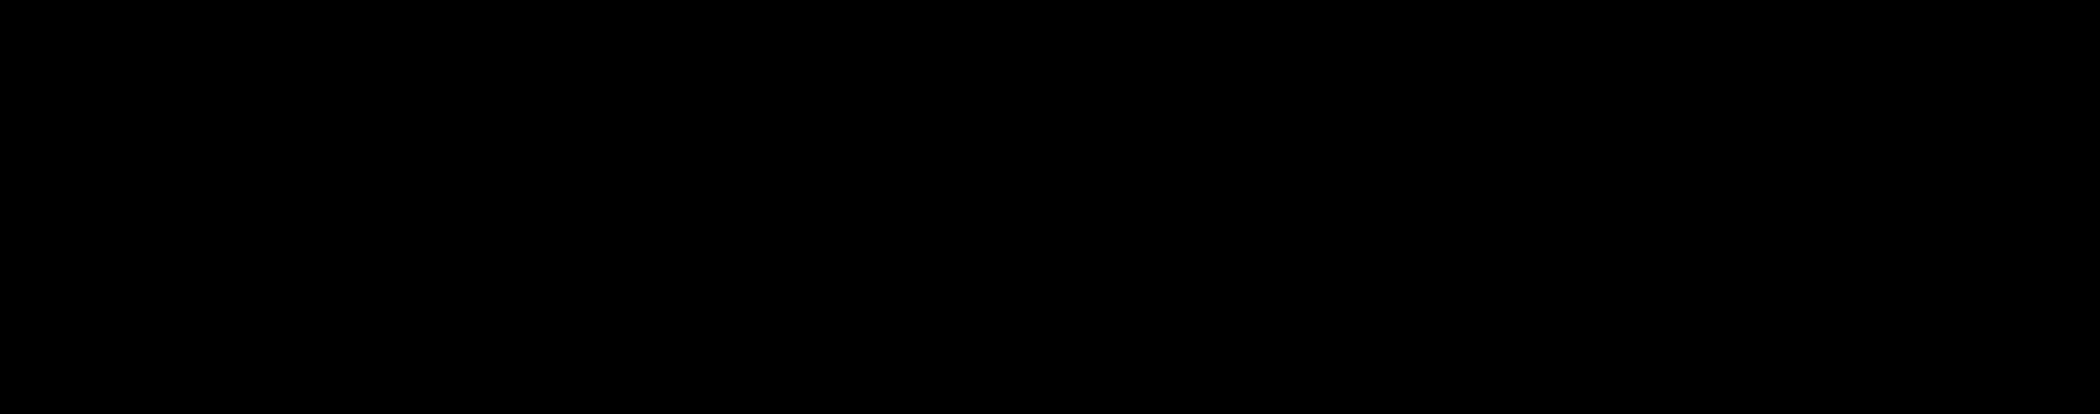 seiko logo 3 - Seiko Logo